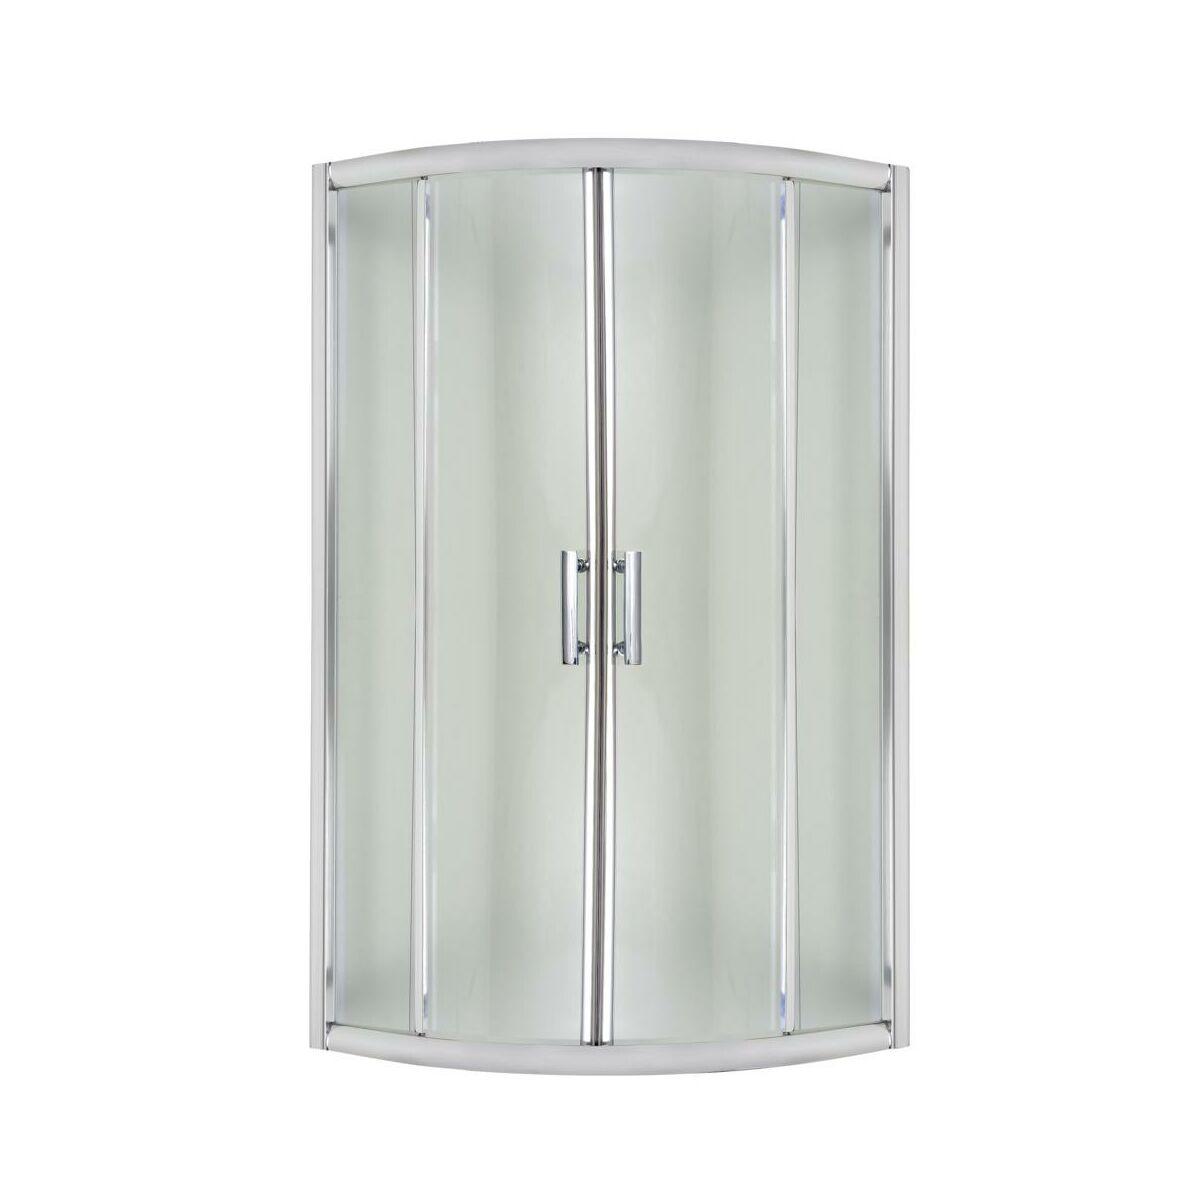 kabina prysznicowa optima kabiny prysznicowe w atrakcyjnej cenie w sklepach leroy merlin. Black Bedroom Furniture Sets. Home Design Ideas